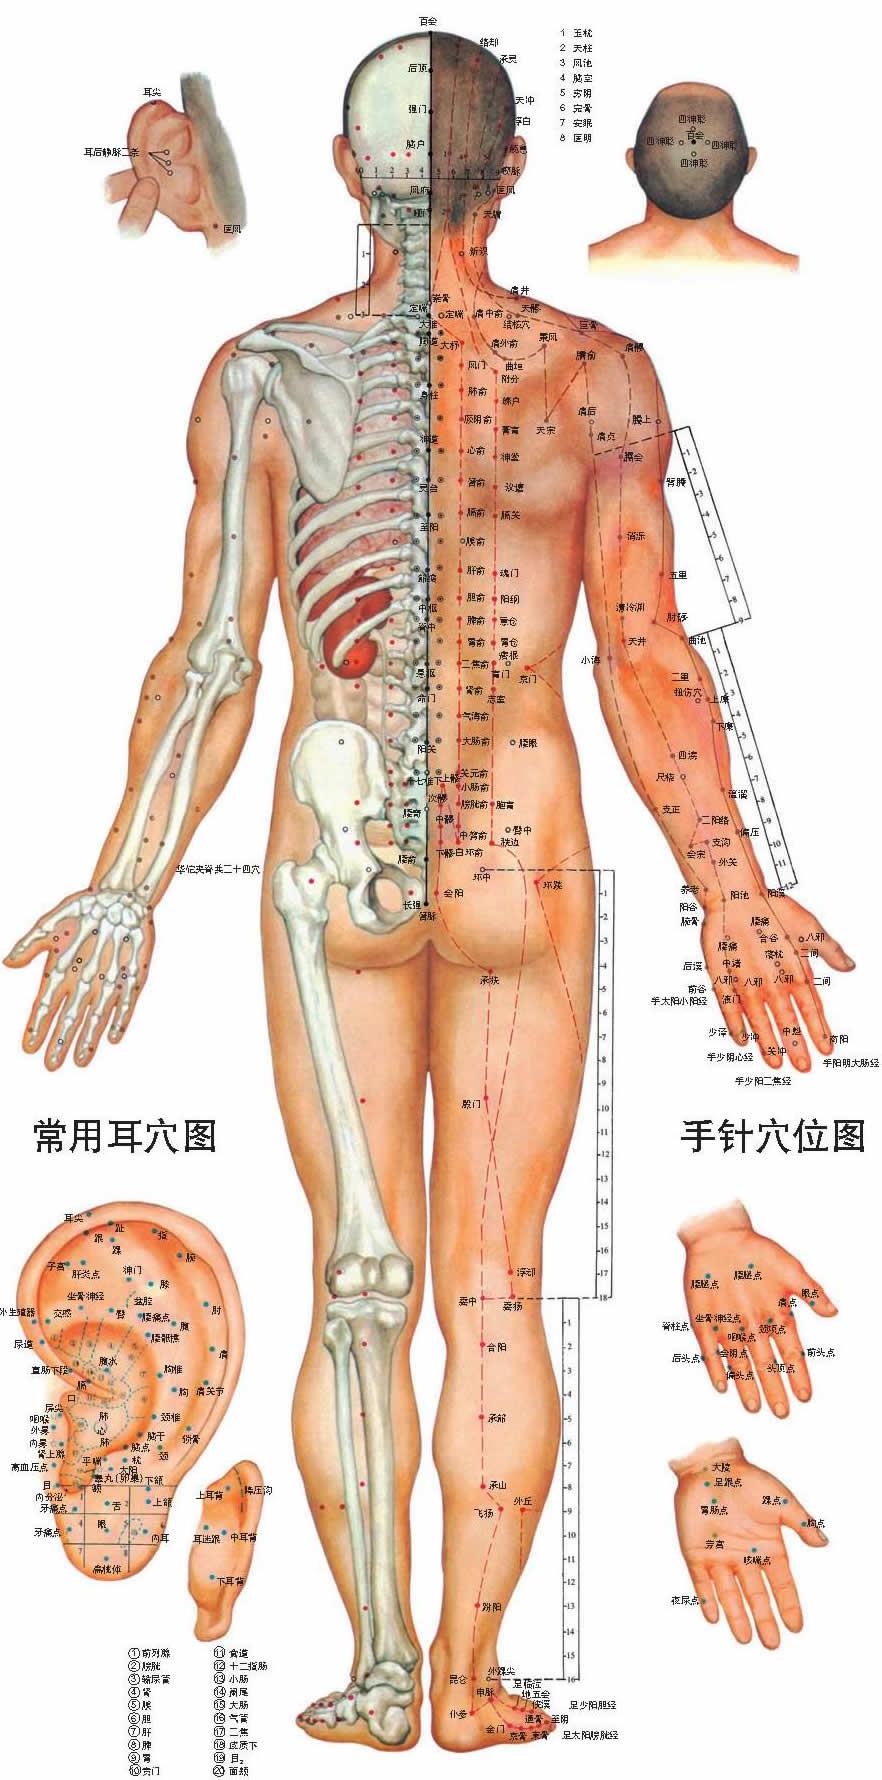 人體穴位圖正面圖